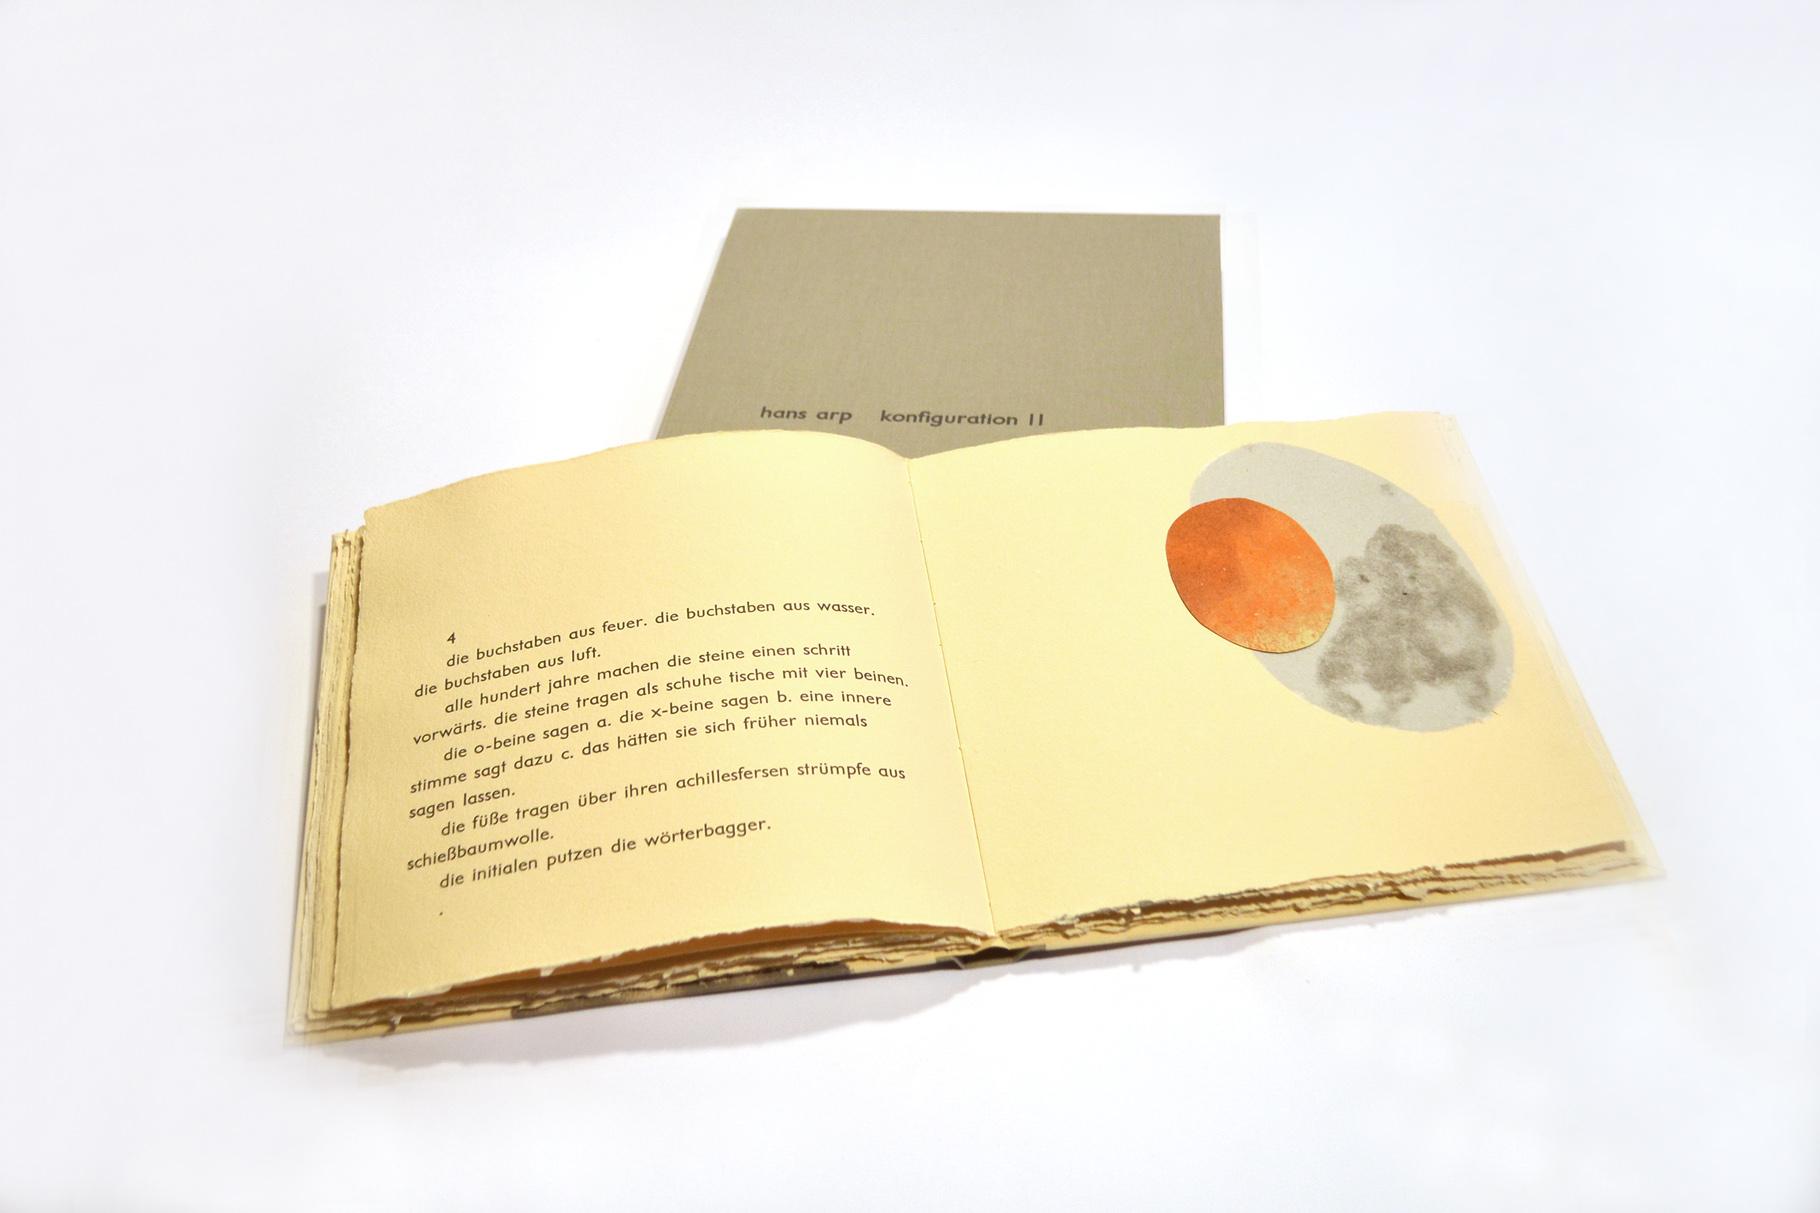 """""""Konfiguration II"""" (2014) - Ein Künstlerbuch von John Gerard mit einem Text von Hans Arp"""